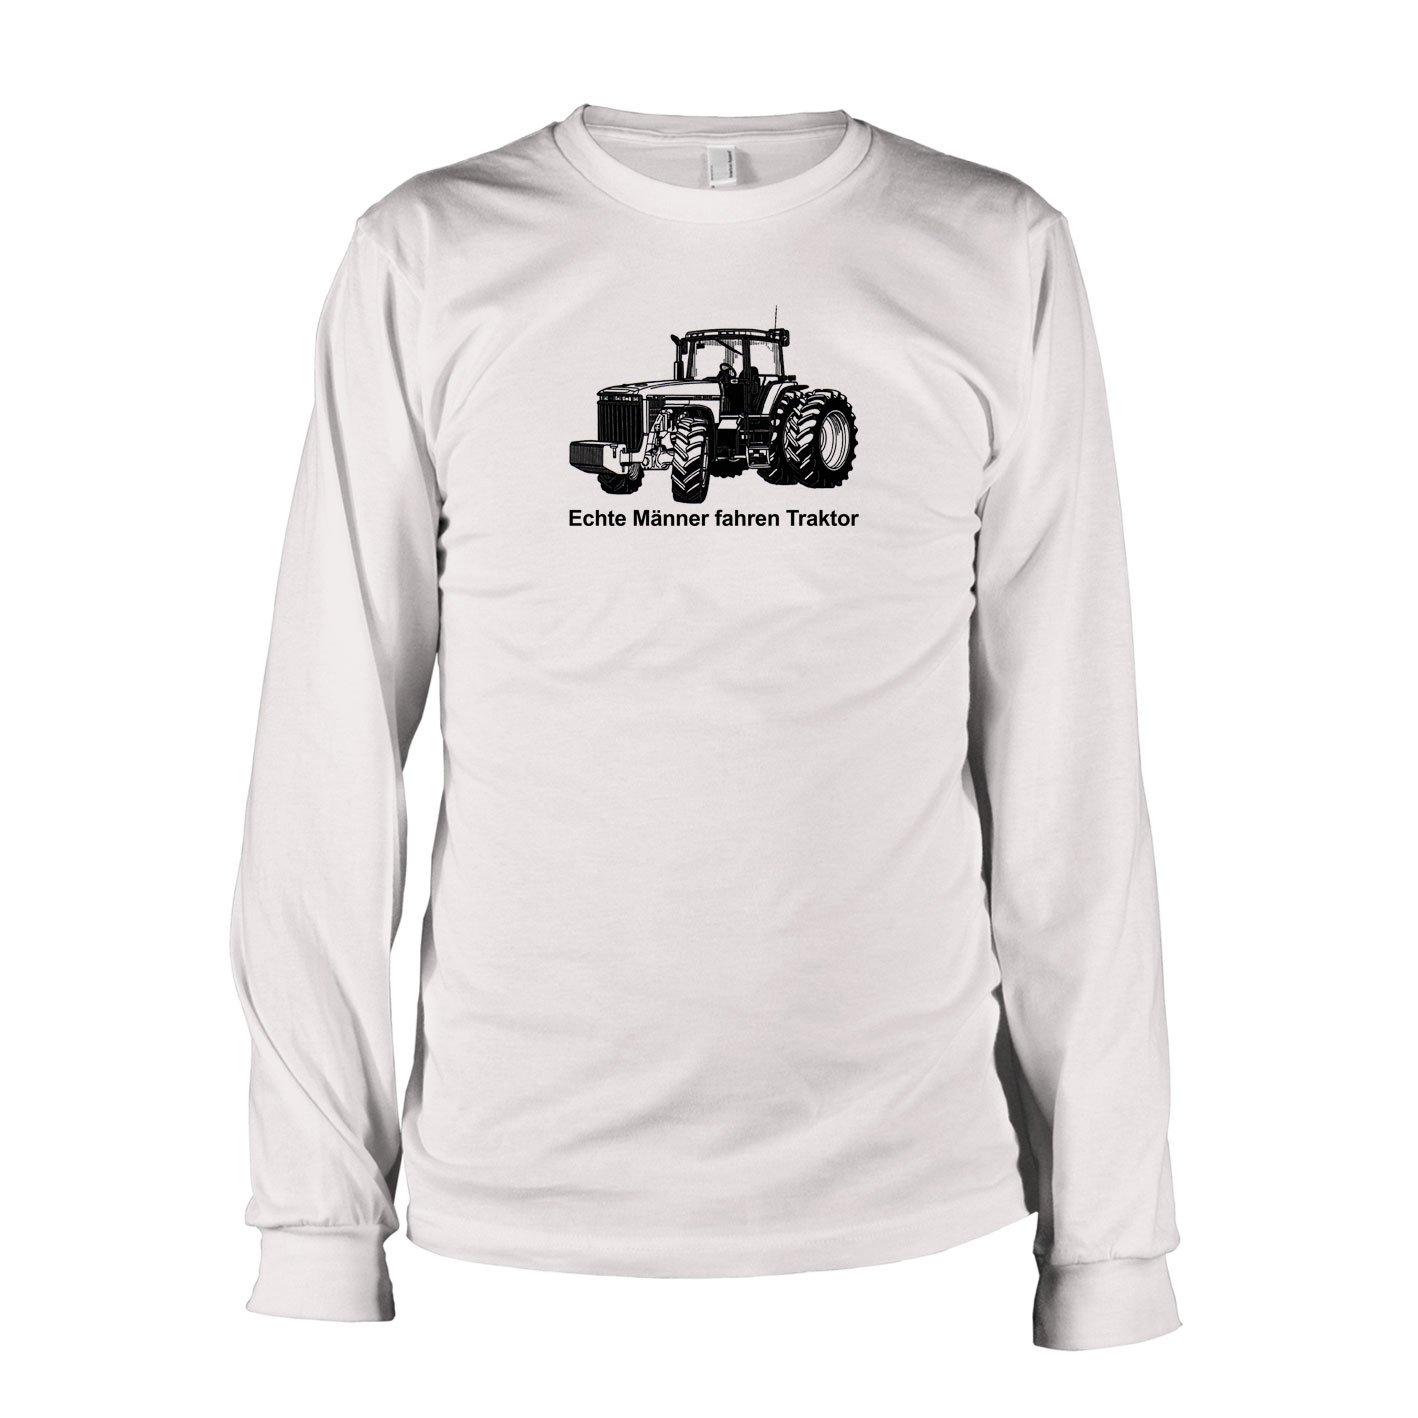 TEXLAB - Echte Männer fahren Traktor - Langarm T-Shirt: Amazon.de:  Bekleidung